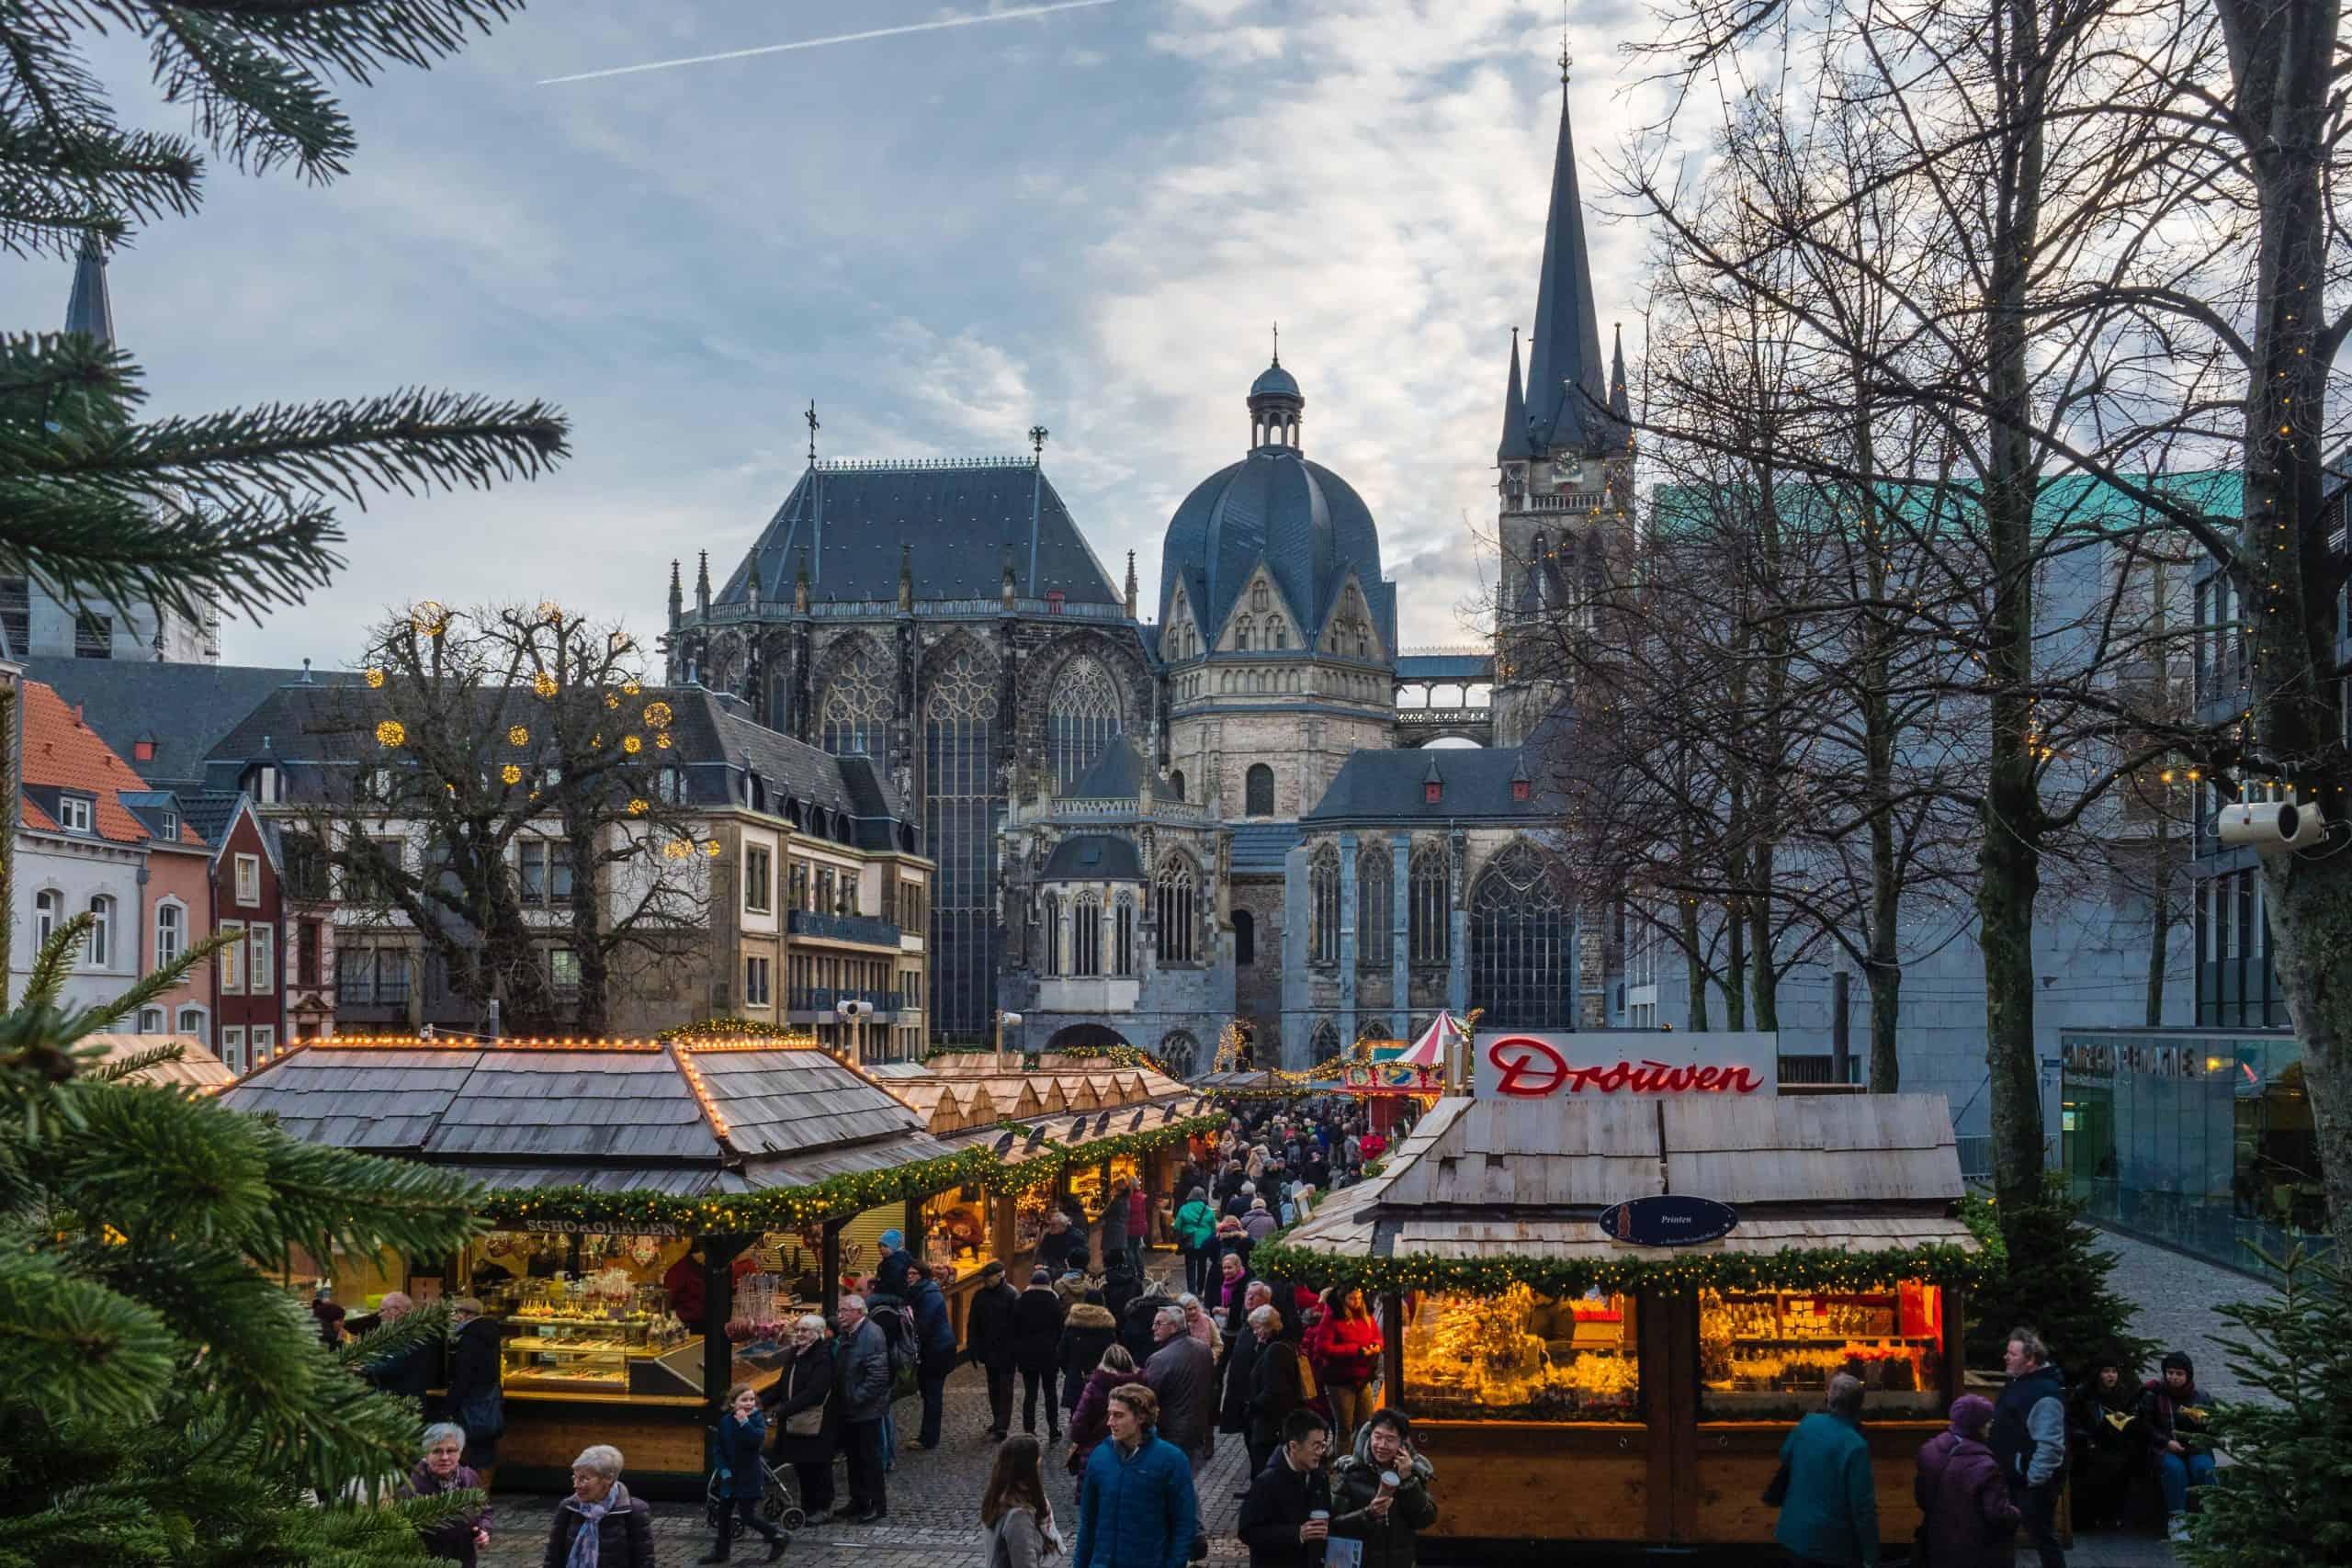 Liste der 3 größten Unternehmen in Aachen